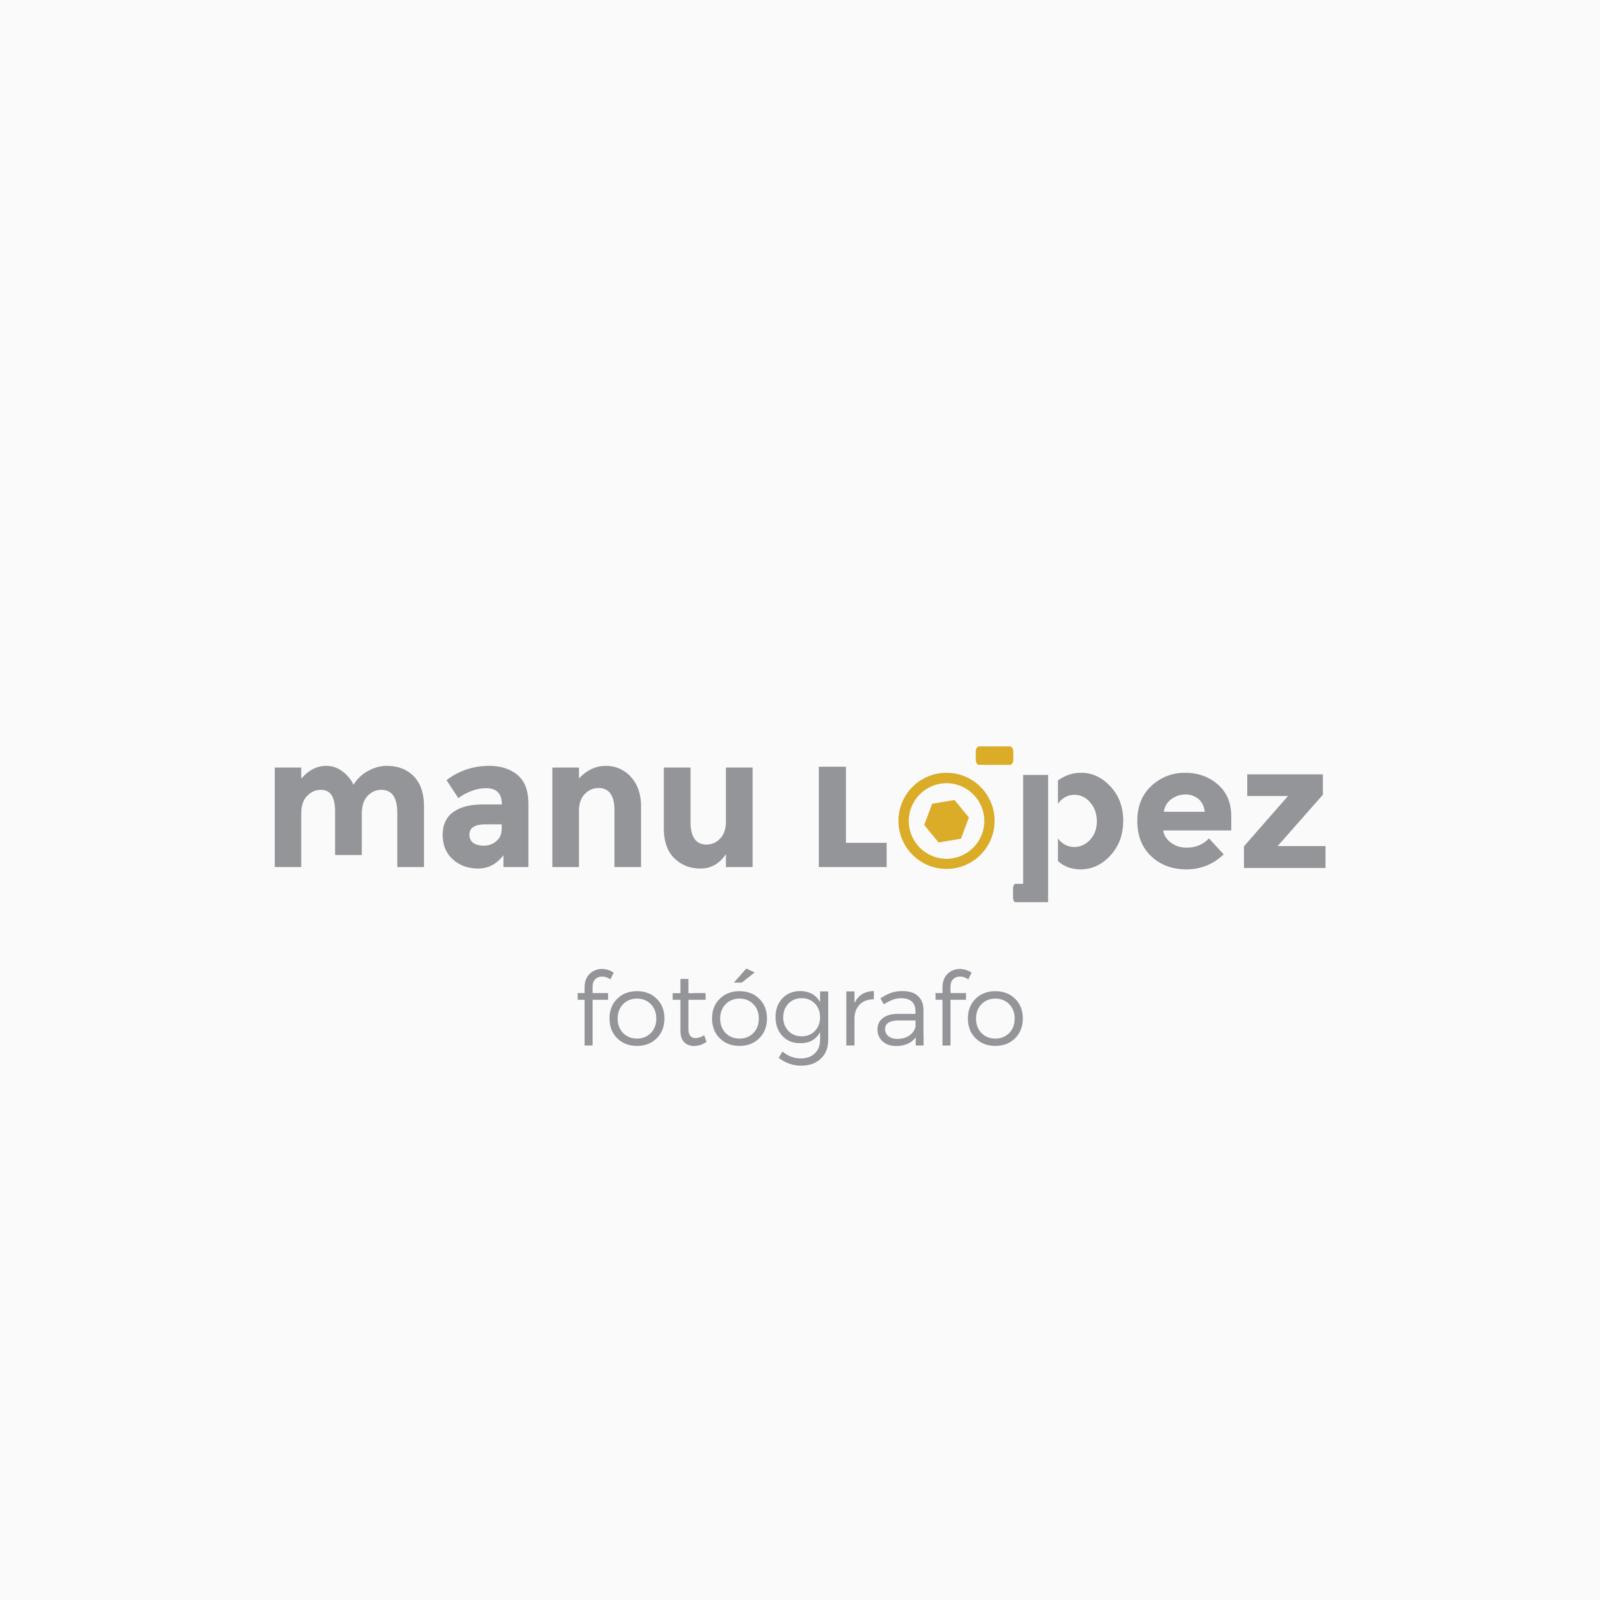 Diseño de logotipo para un fotografo